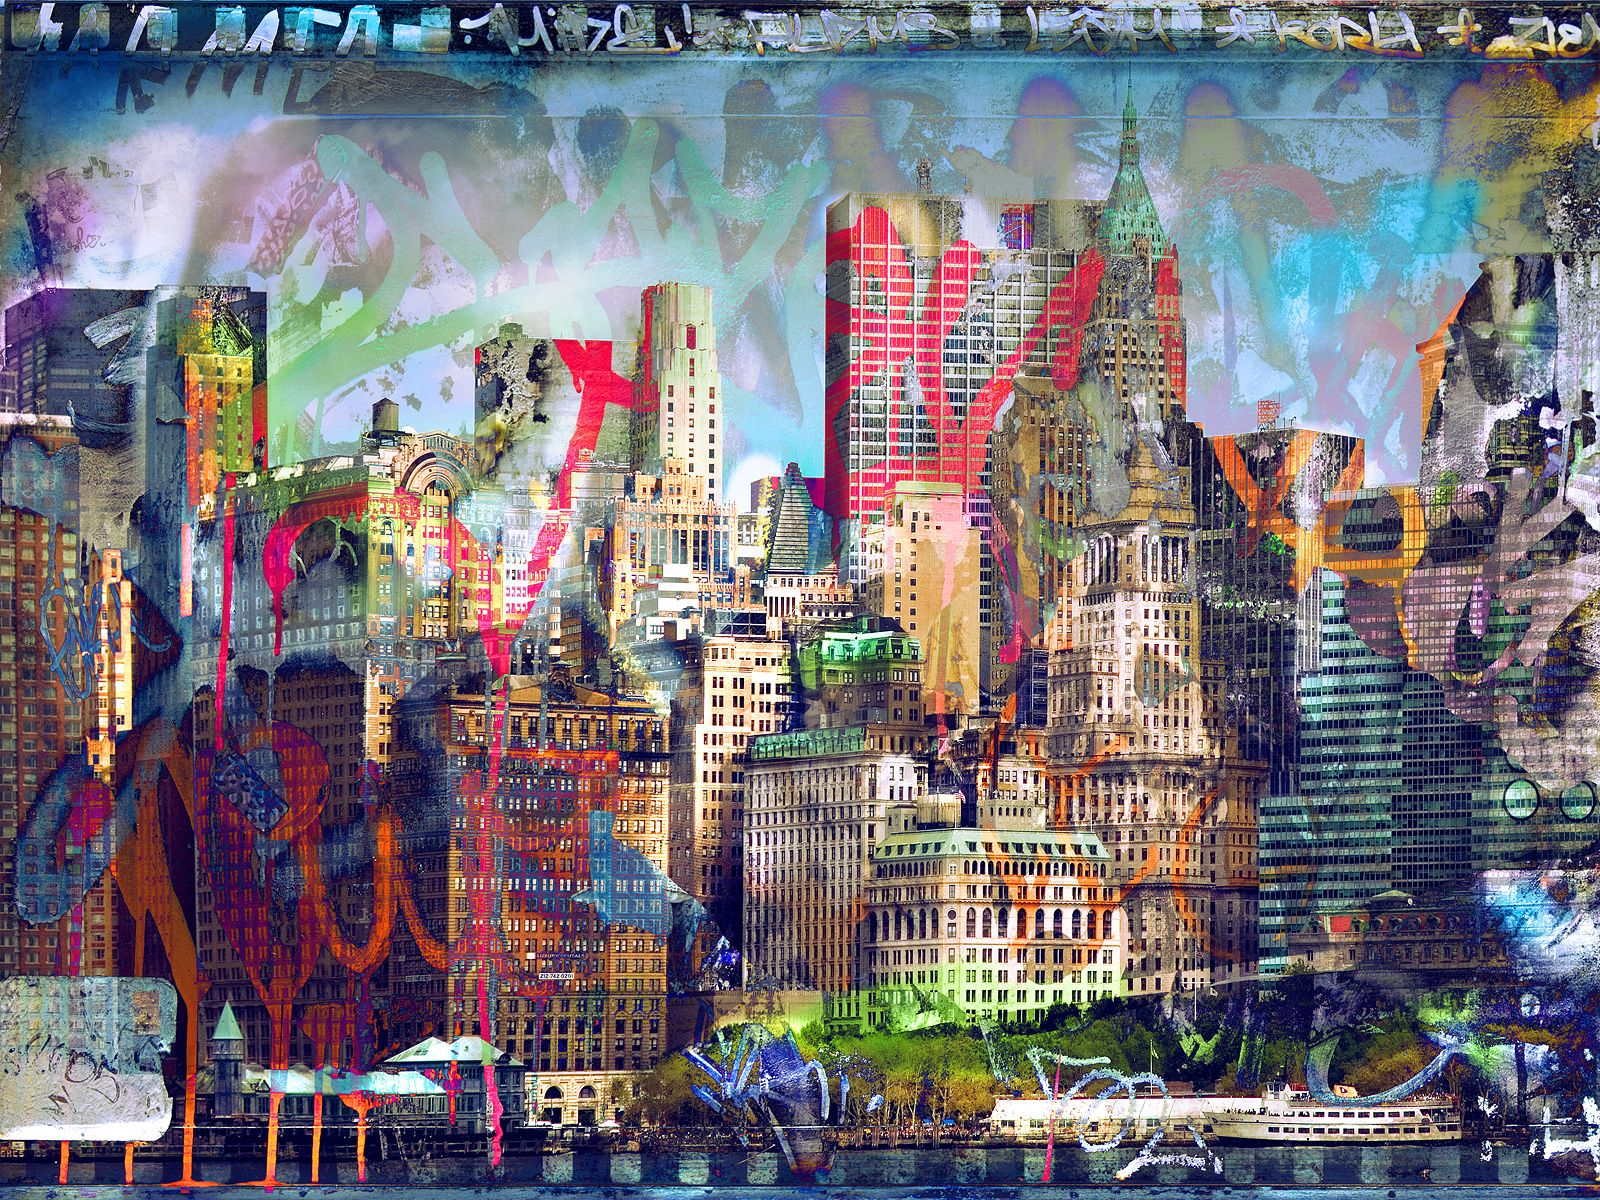 Graffiti Skyline Graffiti Wall City Art Photo Wall Art